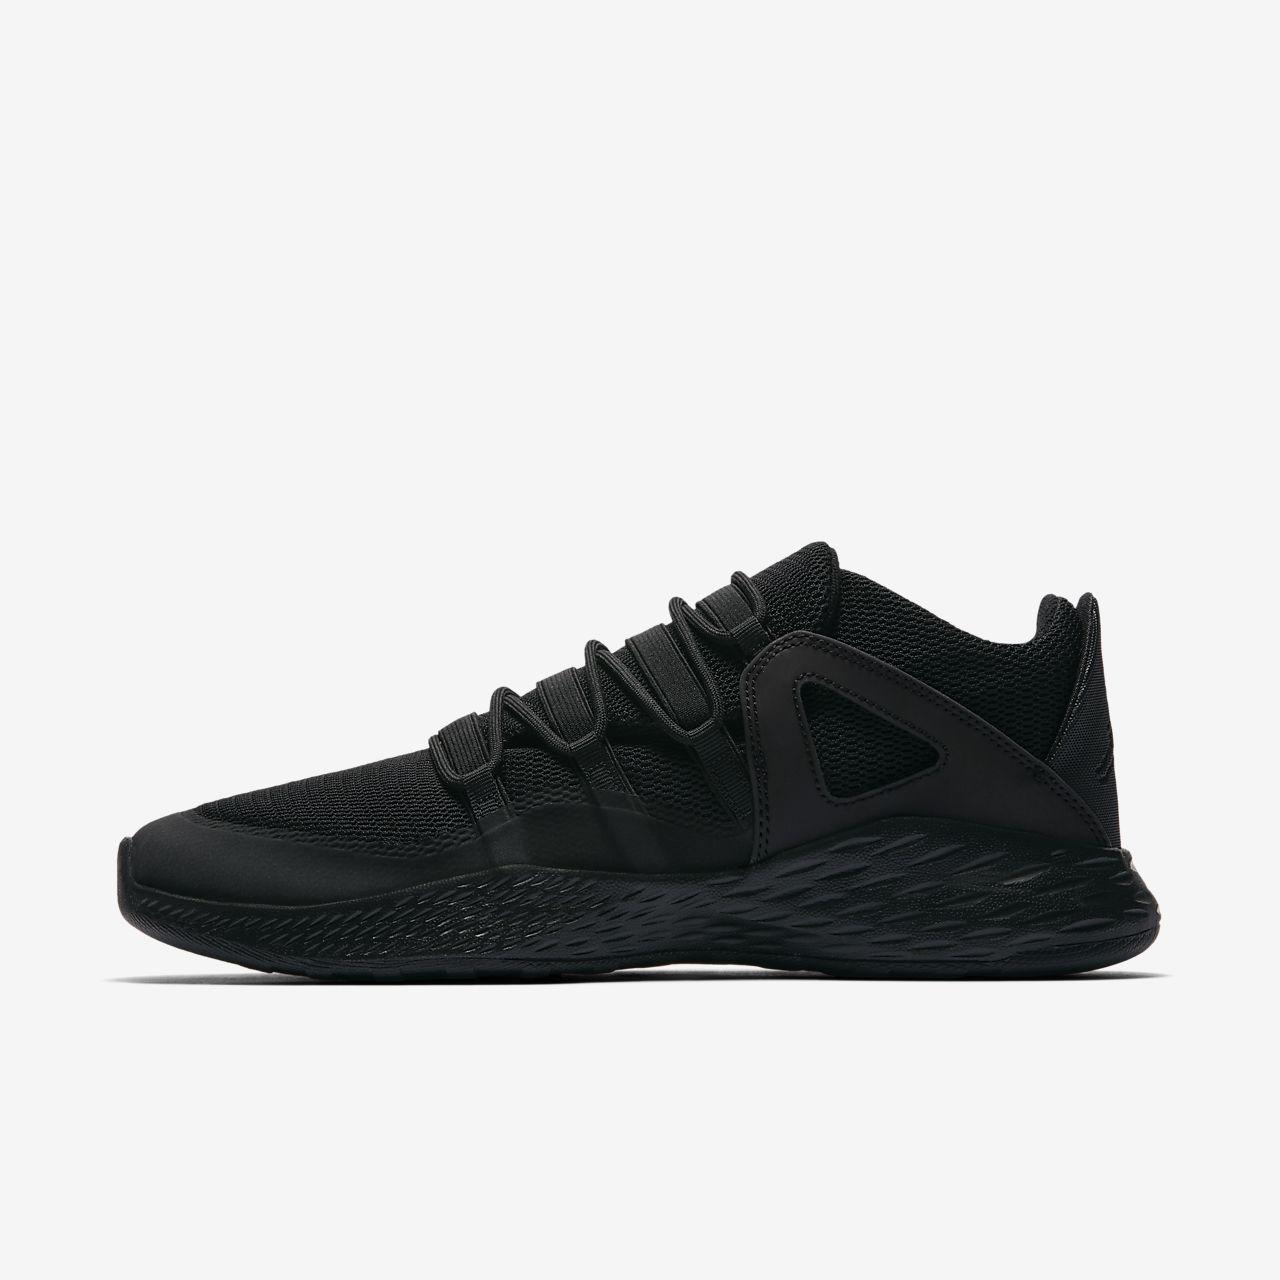 Formula 23 Calzado gris Nike 0LjPSo2l